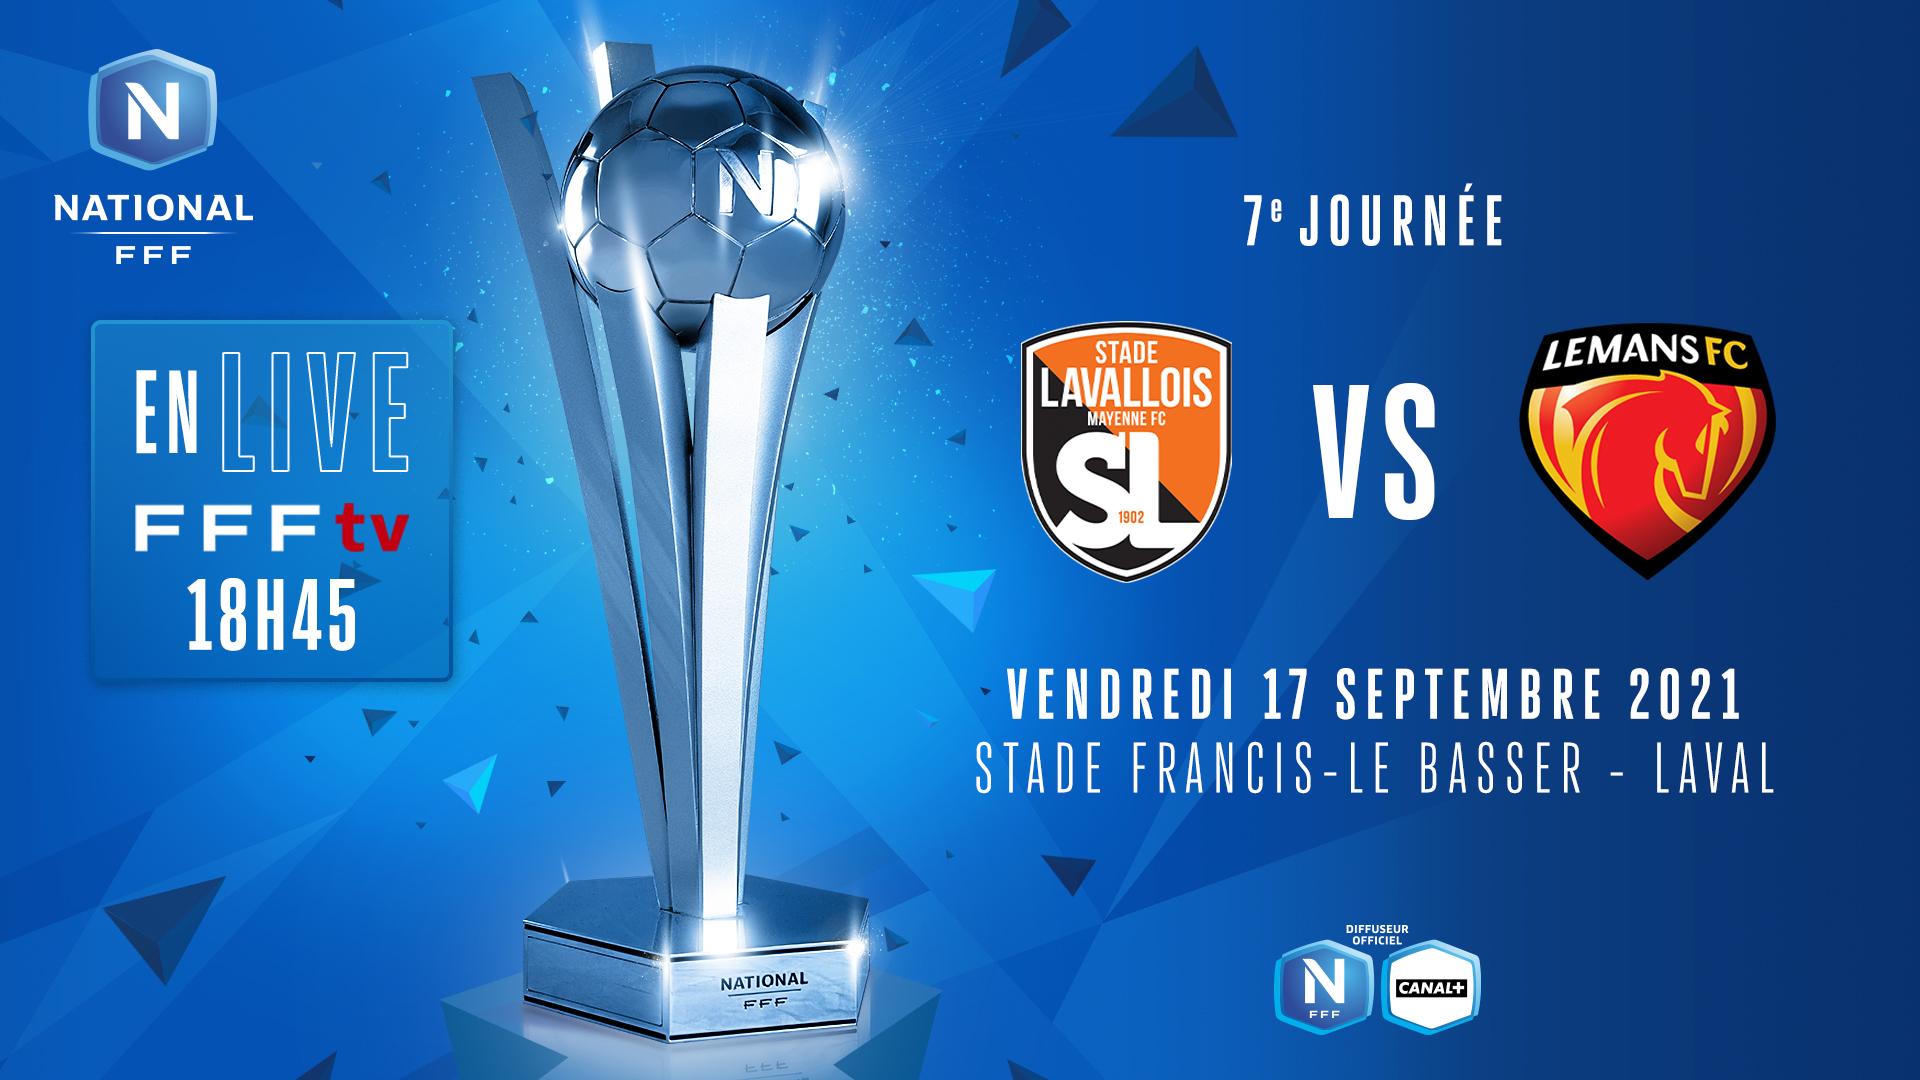 J7 I STADE LAVALLOIS - LE MANS FC EN DIRECT (18H45) !